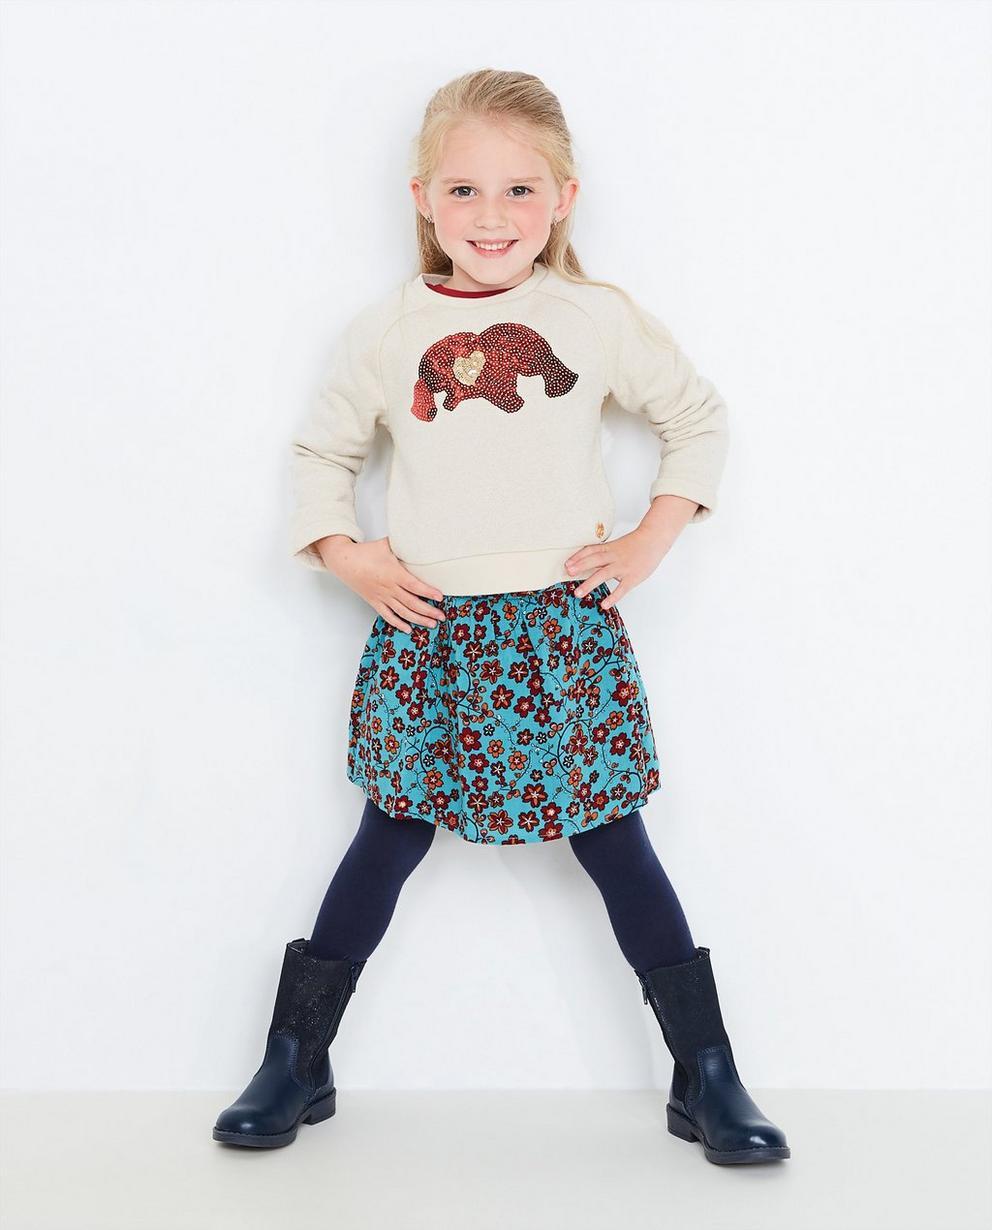 Sweater mit Metallfaden - und Plop-Mütze, Plop - Plop